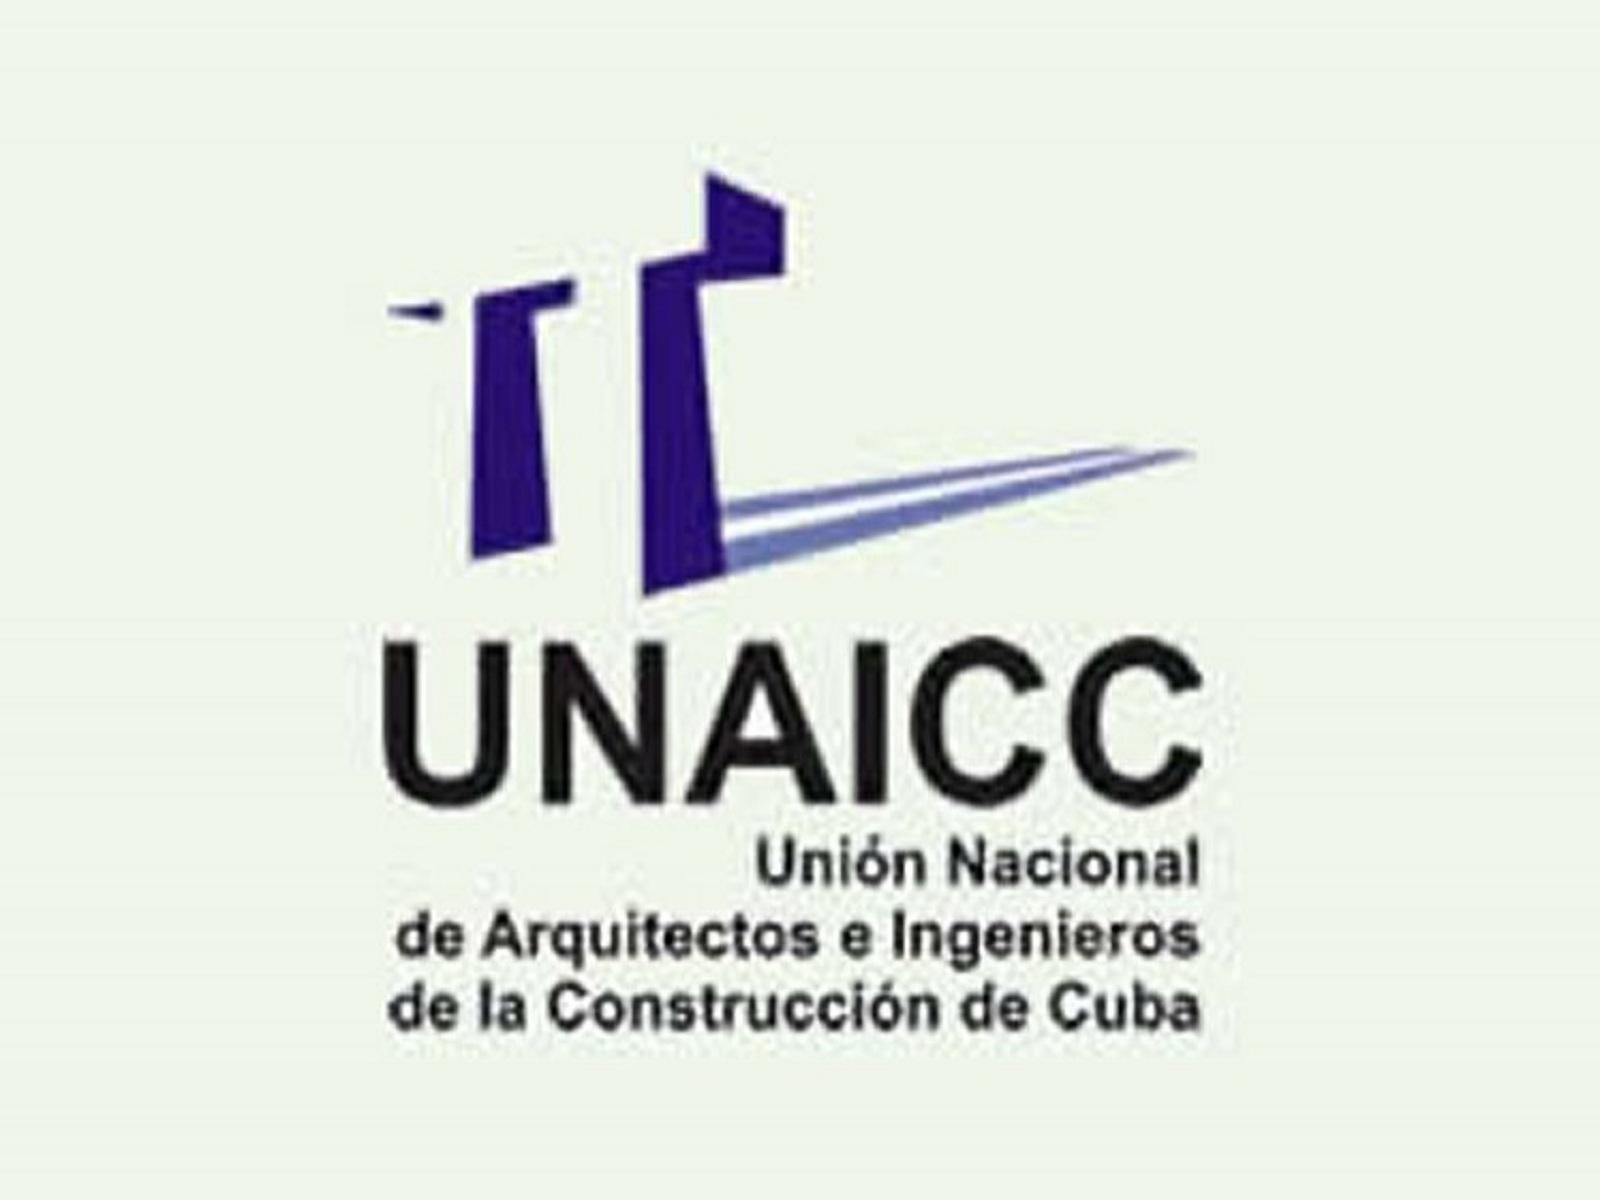 Logo de UNAICC